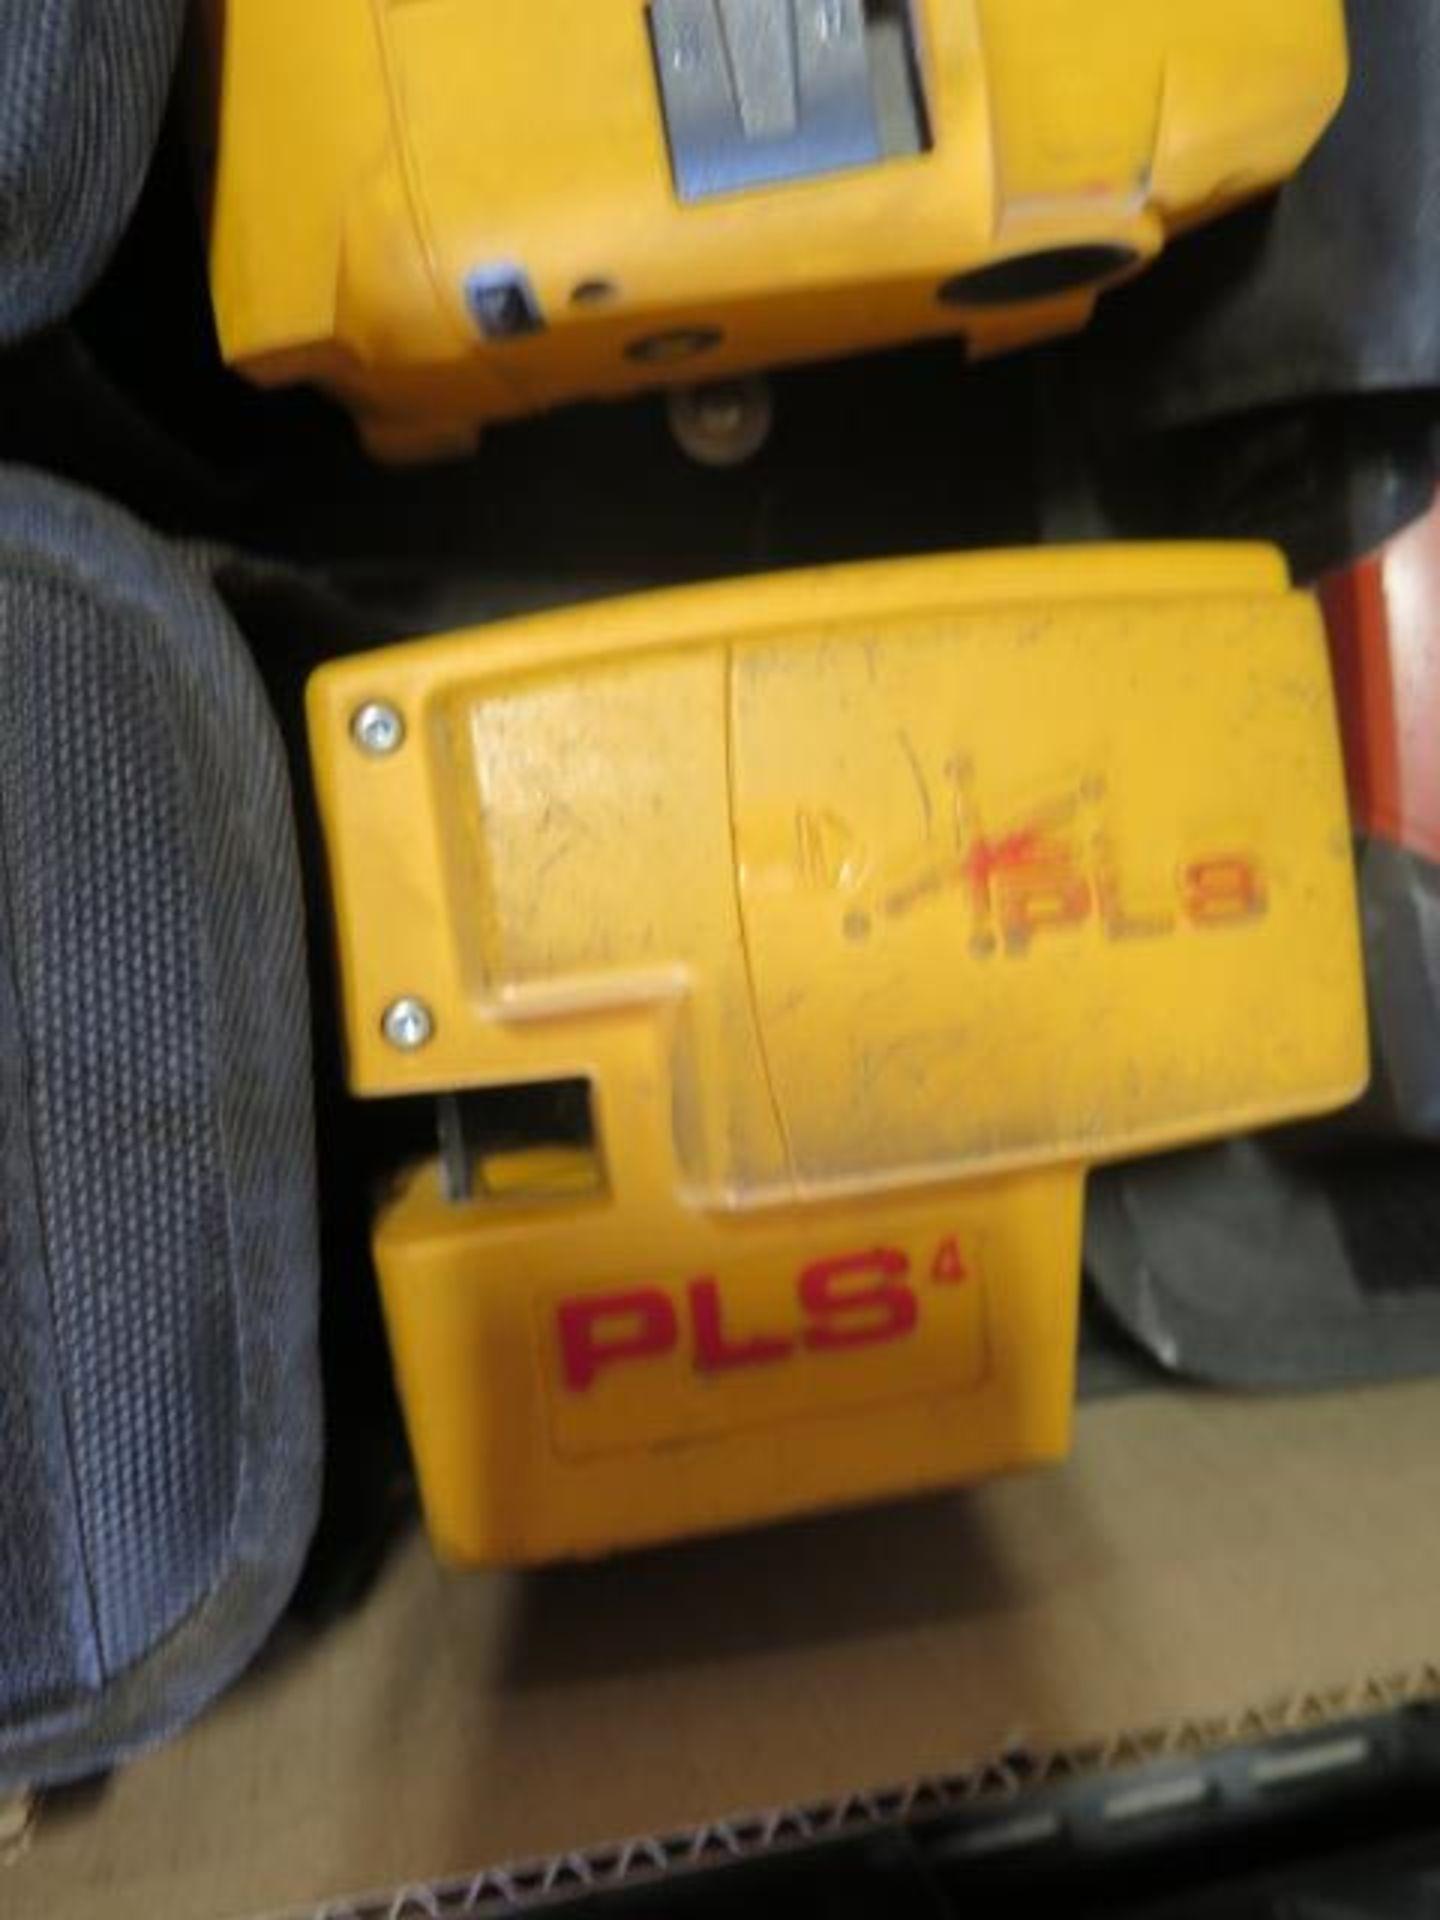 Hilti PM2-P Plumb Laser, Fluke PLS 5G 5-Point Laser Level and Fluke PLS 4 4-Point SOLD AS IS - Image 5 of 5